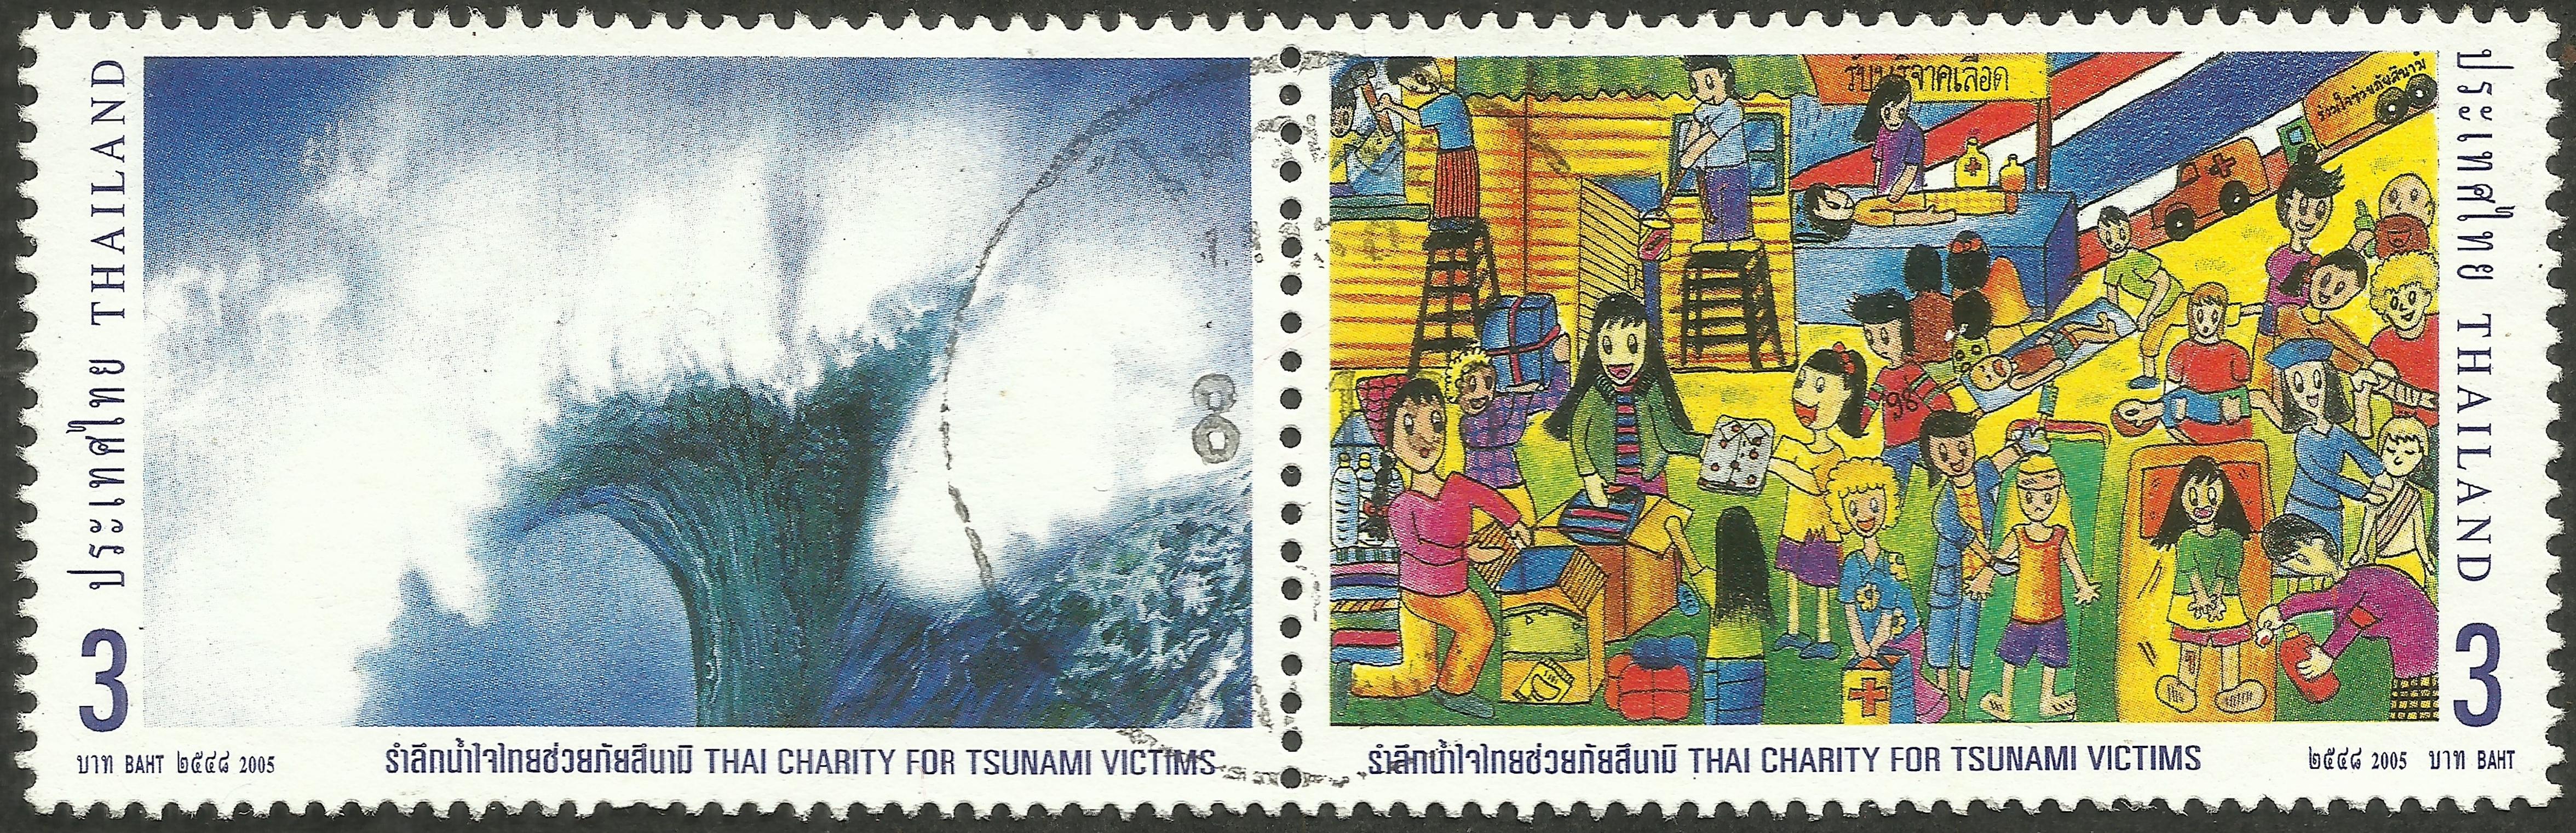 Thailand - Scott #2211 (2005) [se-tenant pair]